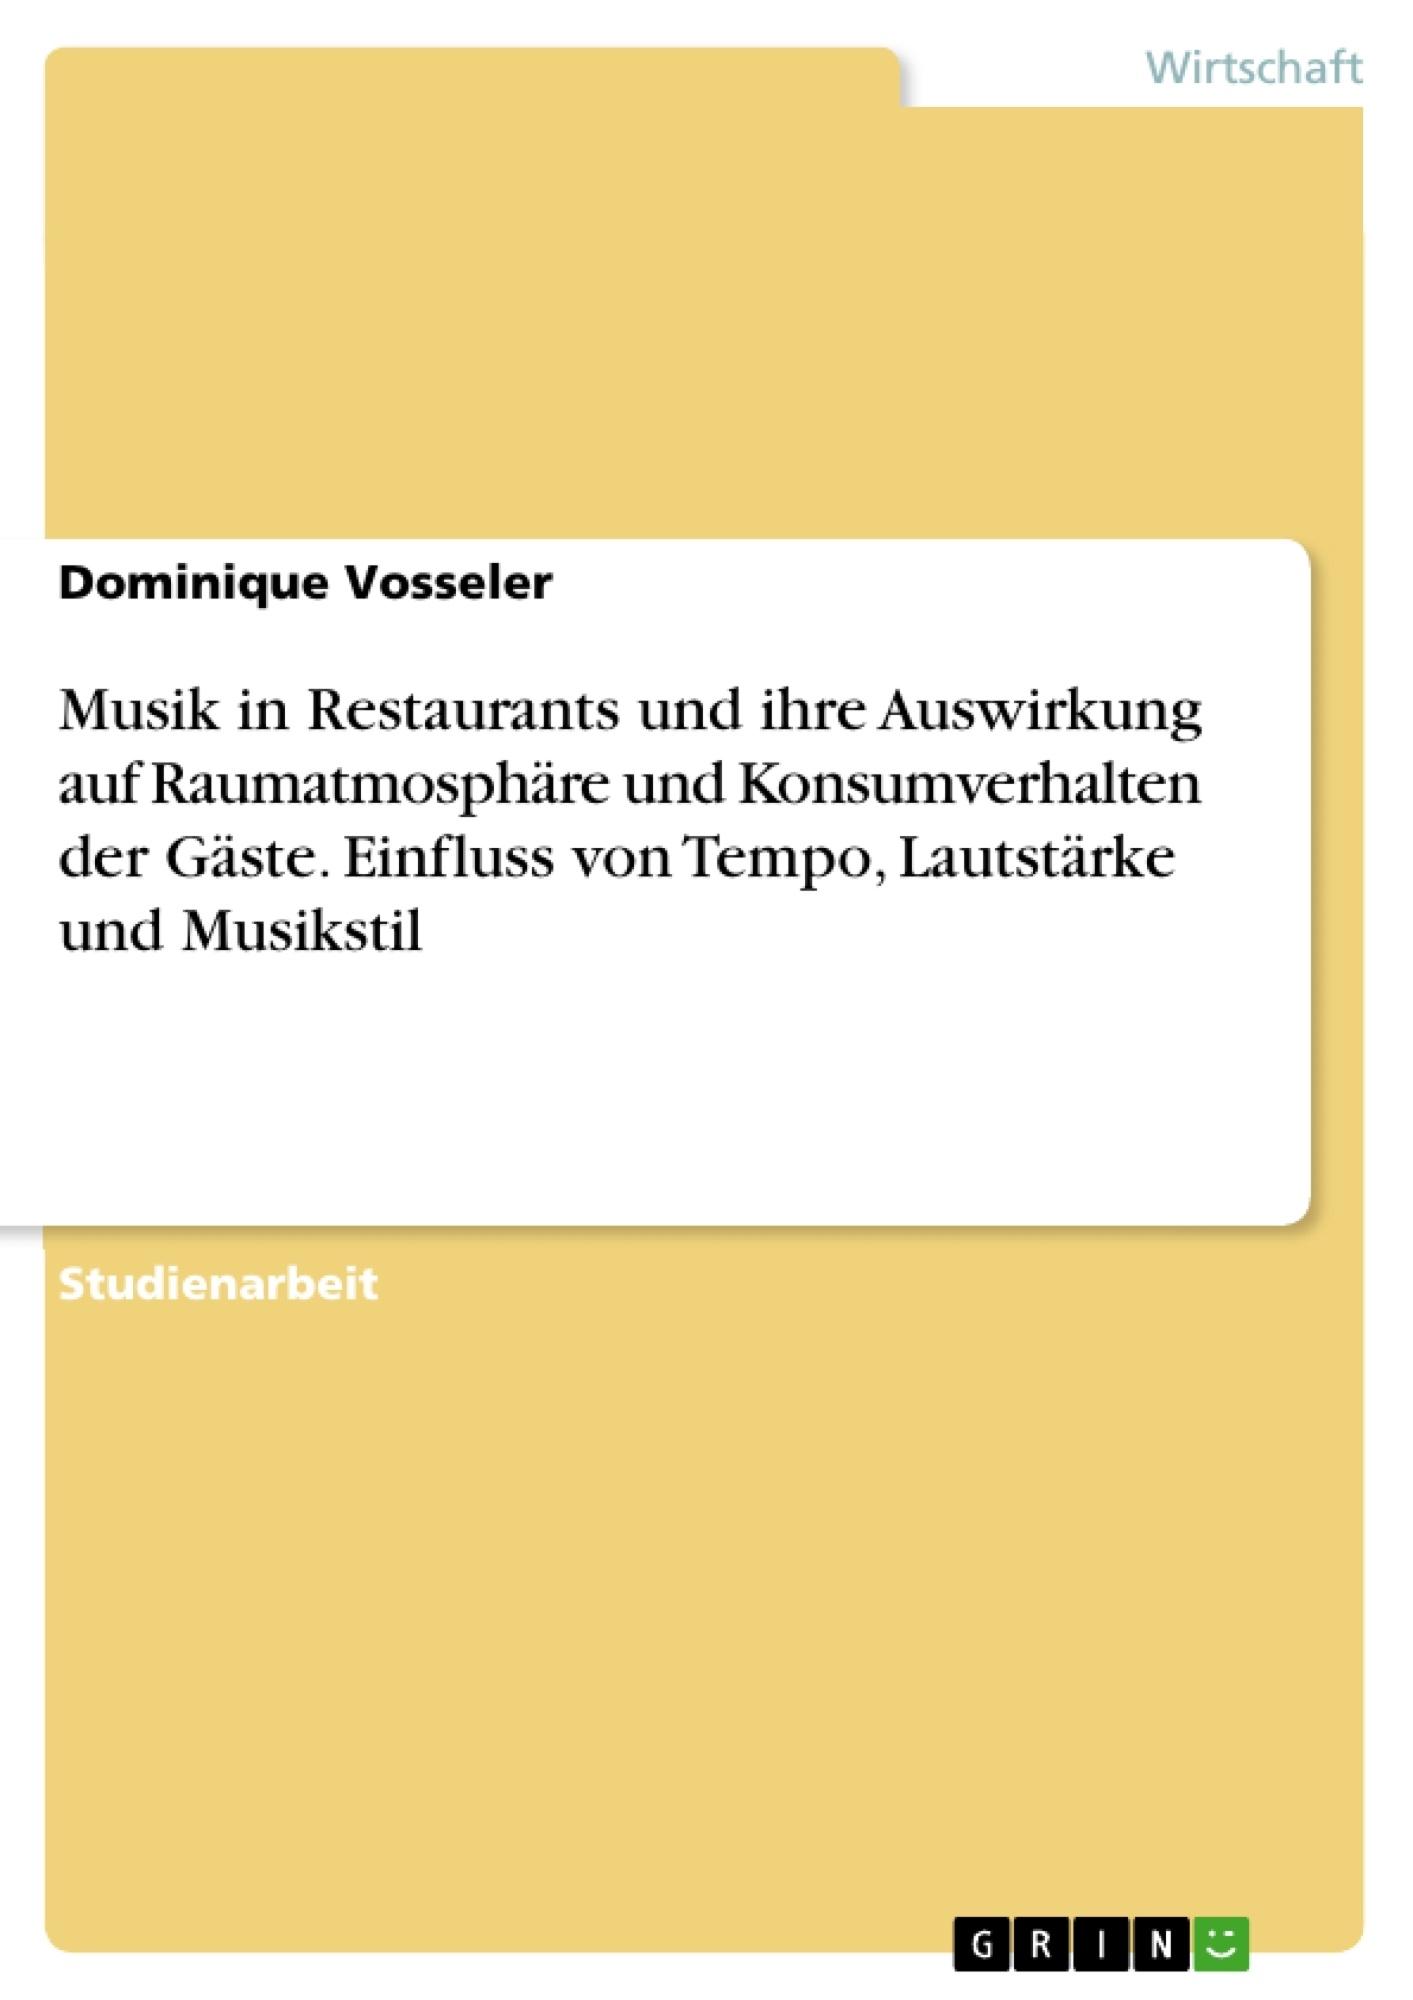 Titel: Musik in Restaurants und ihre Auswirkung auf Raumatmosphäre und Konsumverhalten der Gäste. Einfluss von Tempo, Lautstärke und Musikstil